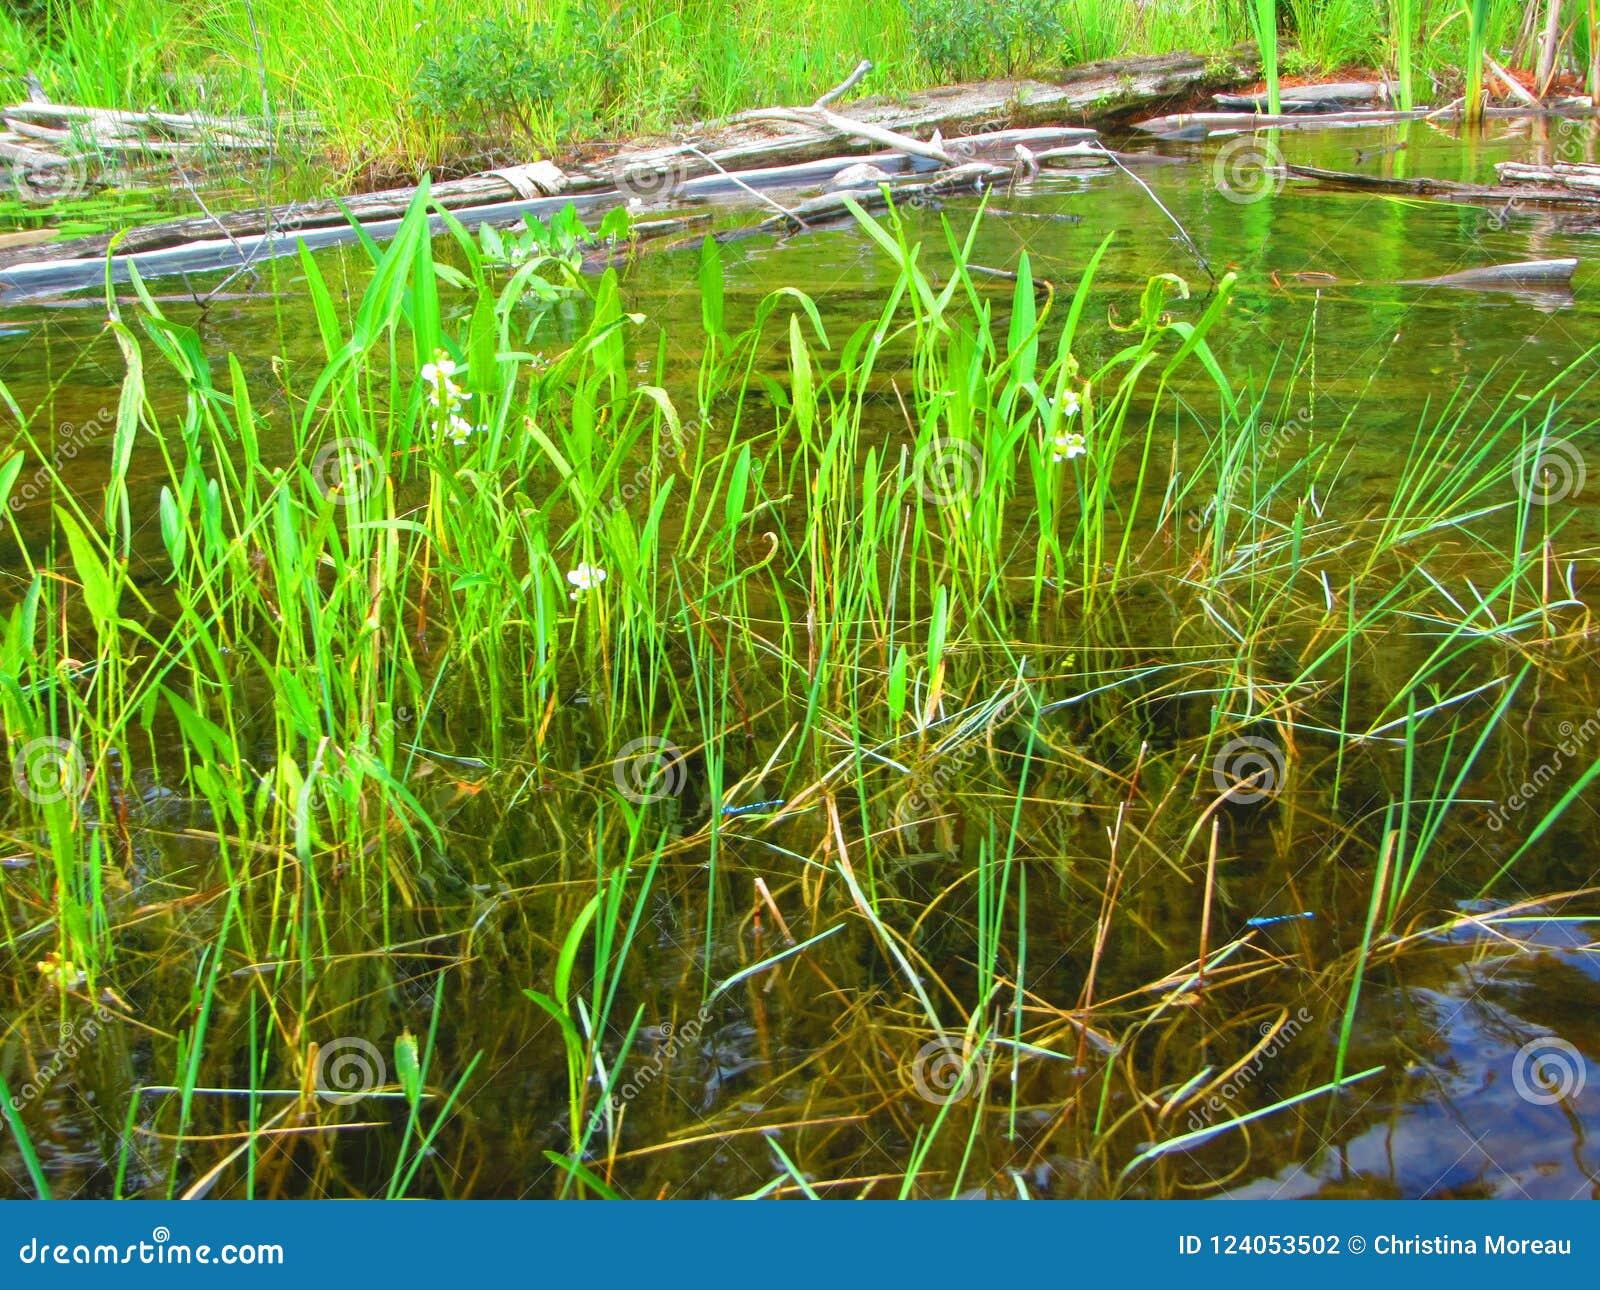 Zoetwater optredende aquatische installaties onbekende species